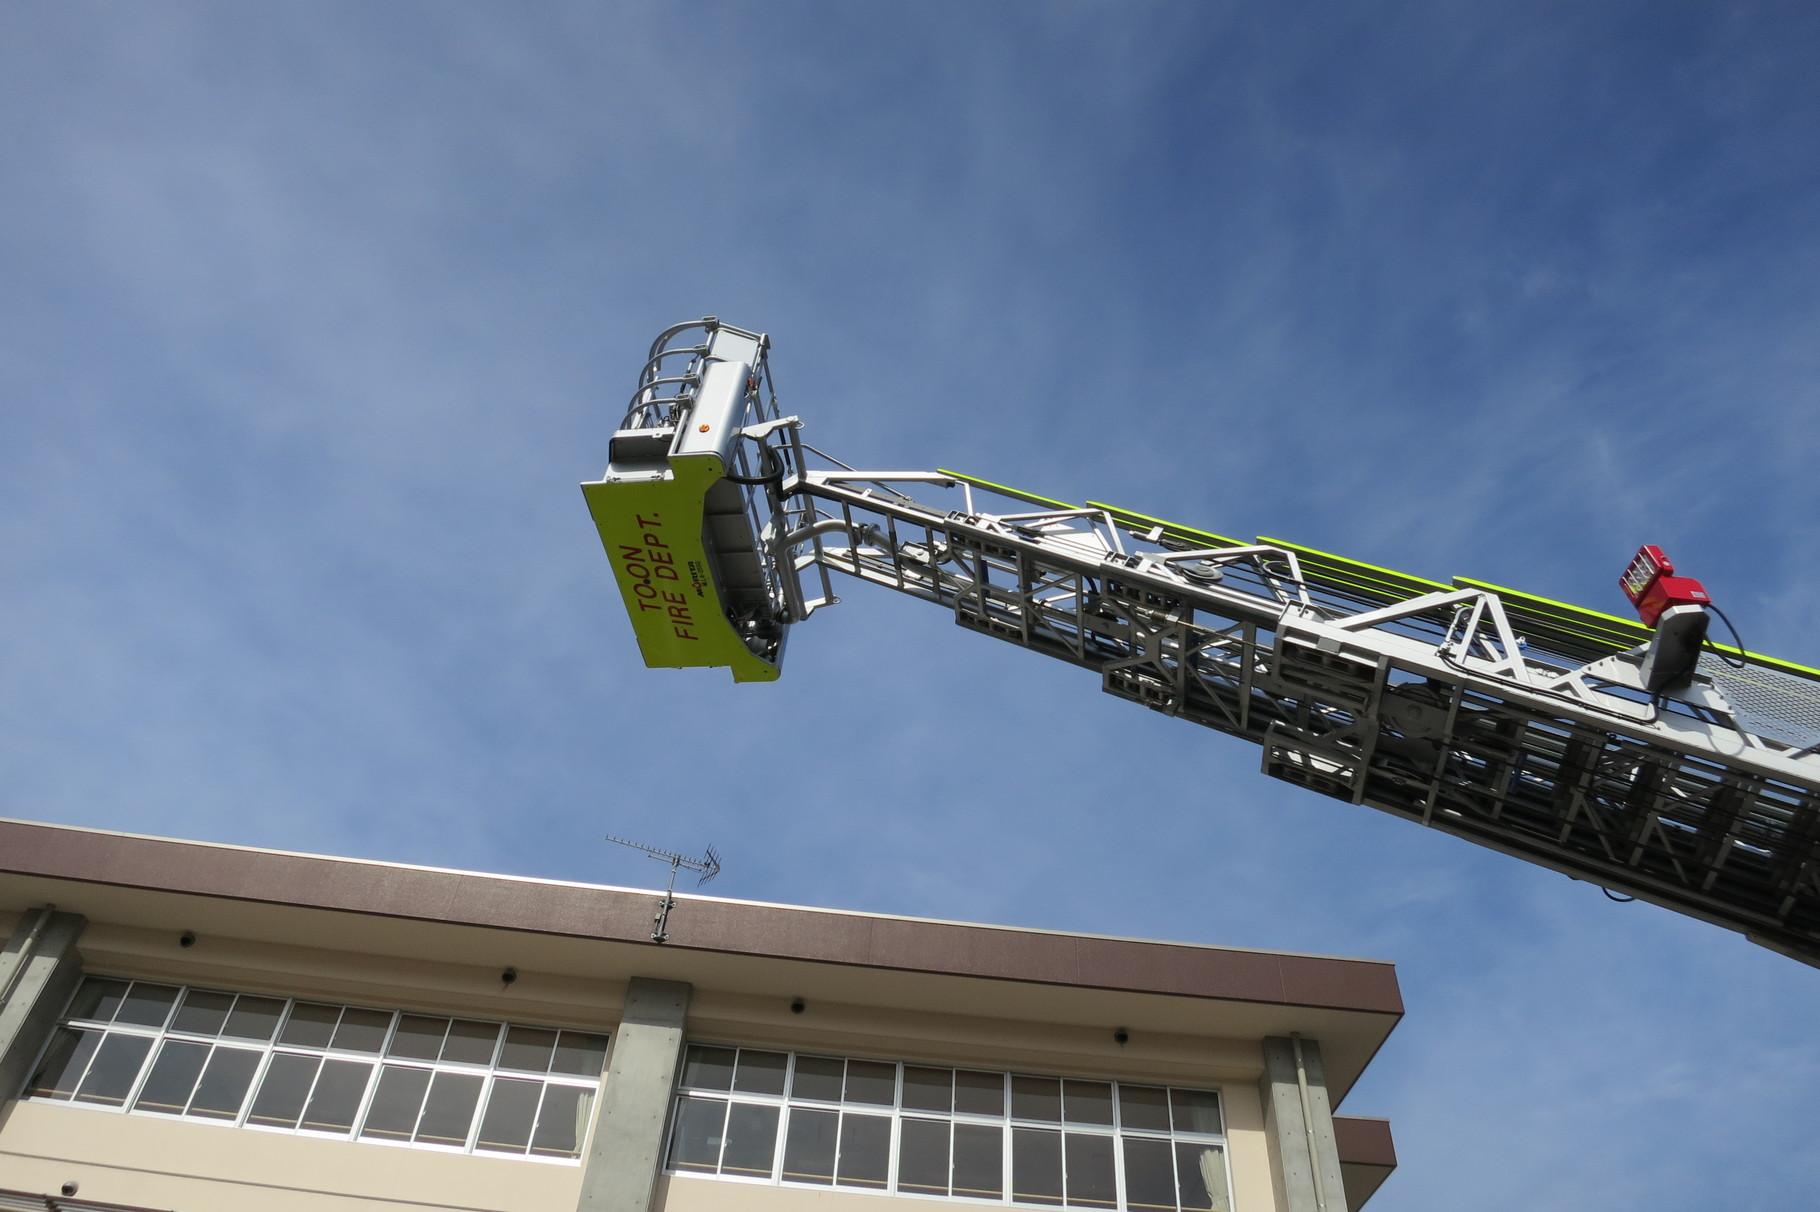 新しいはしご車は、前のより10mも高く上がるそうです